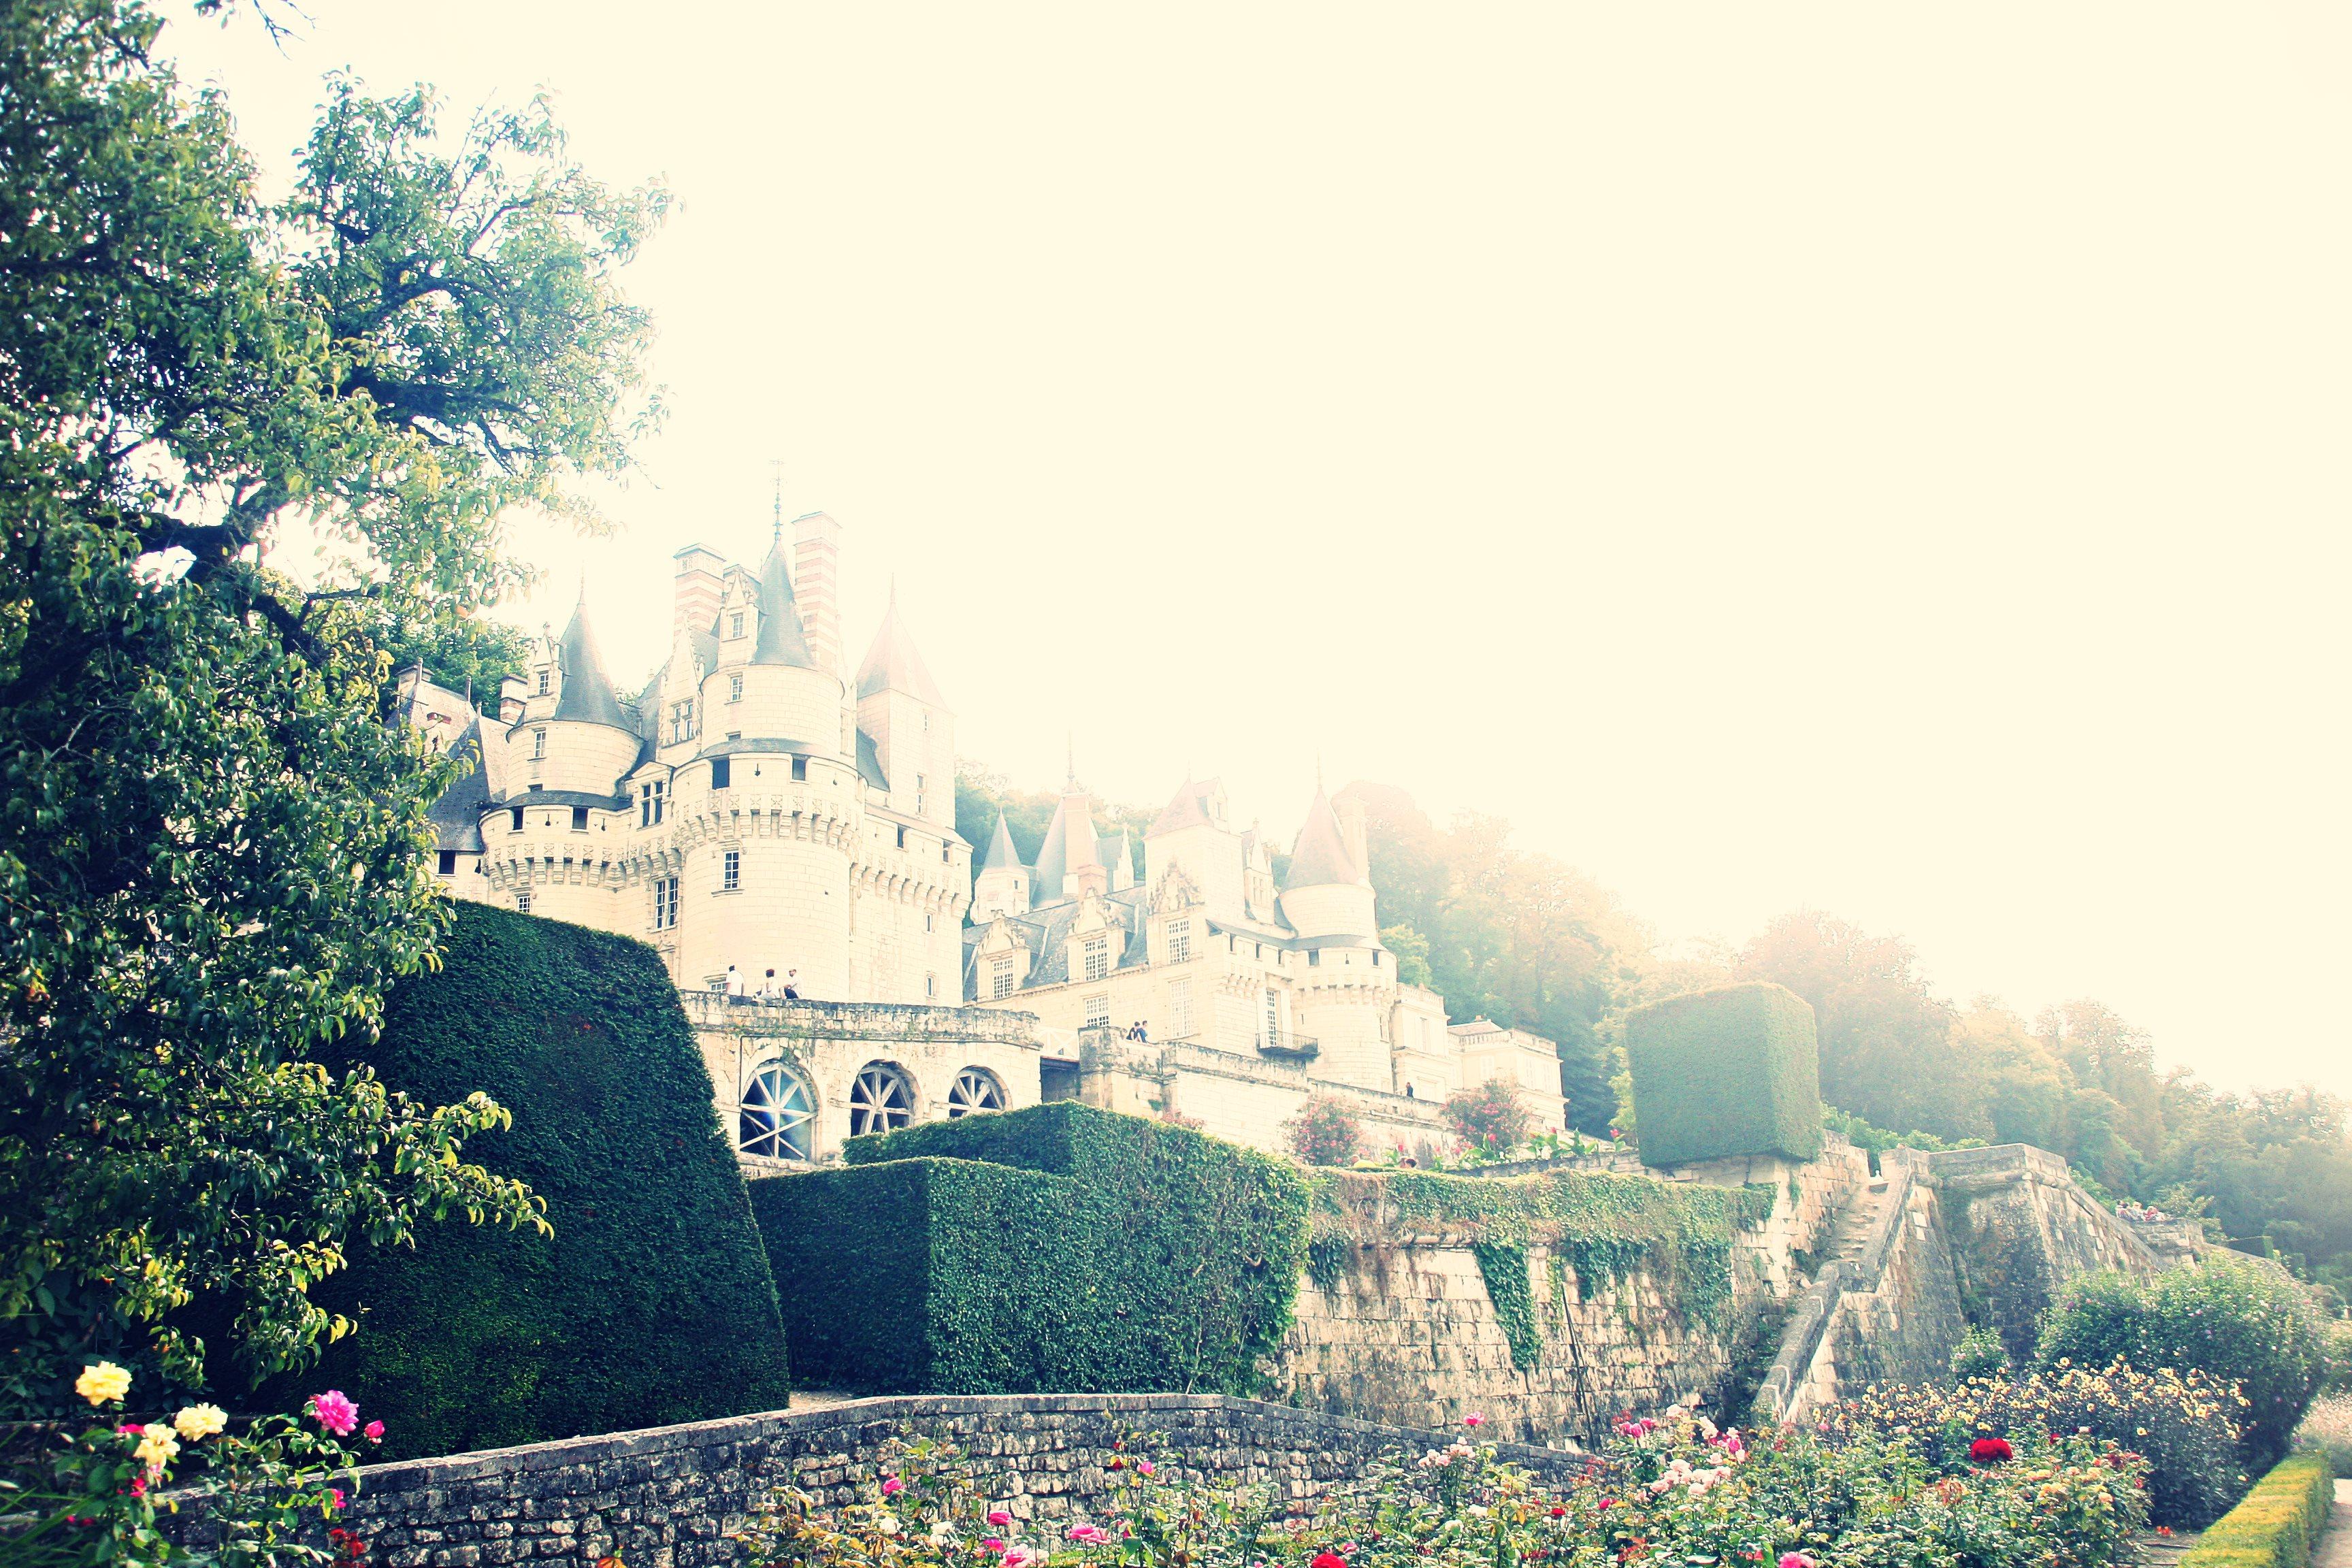 château-belle-au-bois-dormant